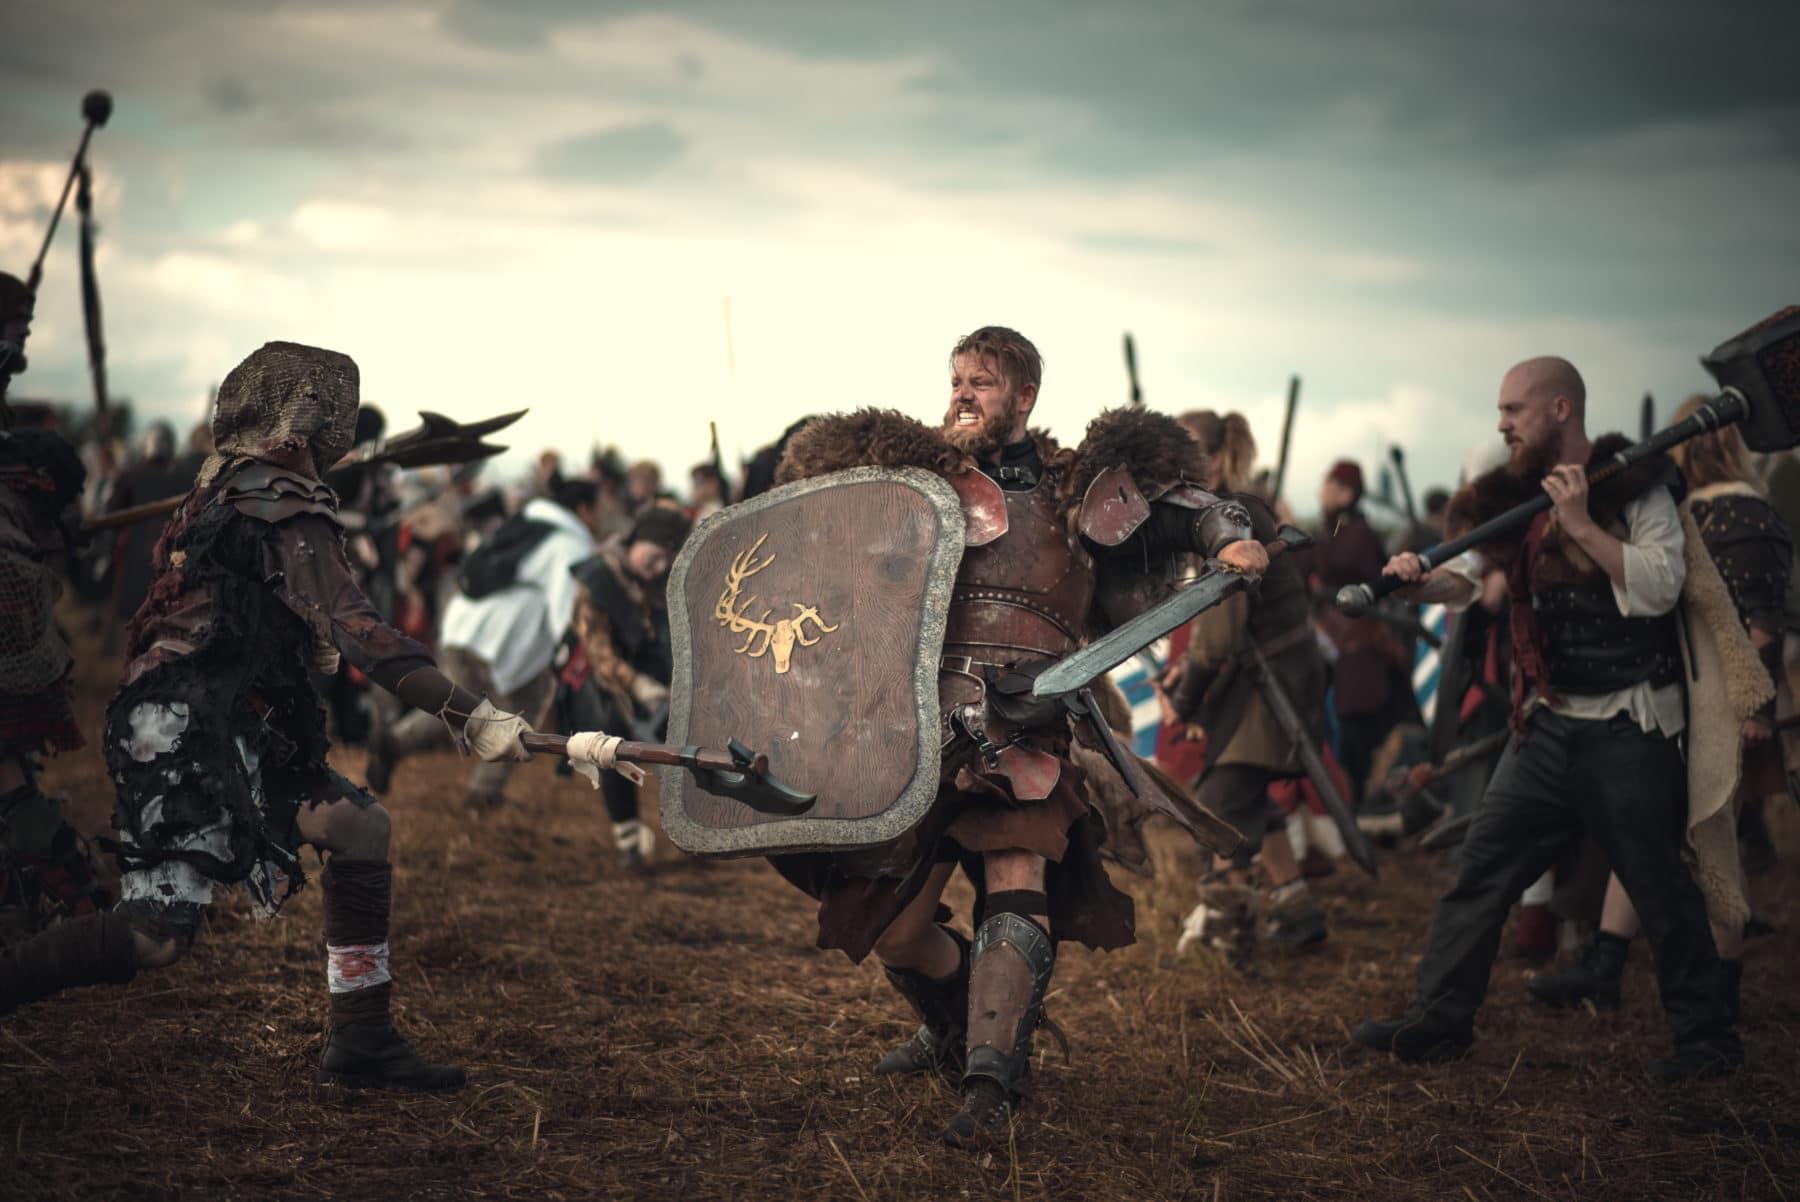 Klankönig führt seine Kämpfer in die Schlacht